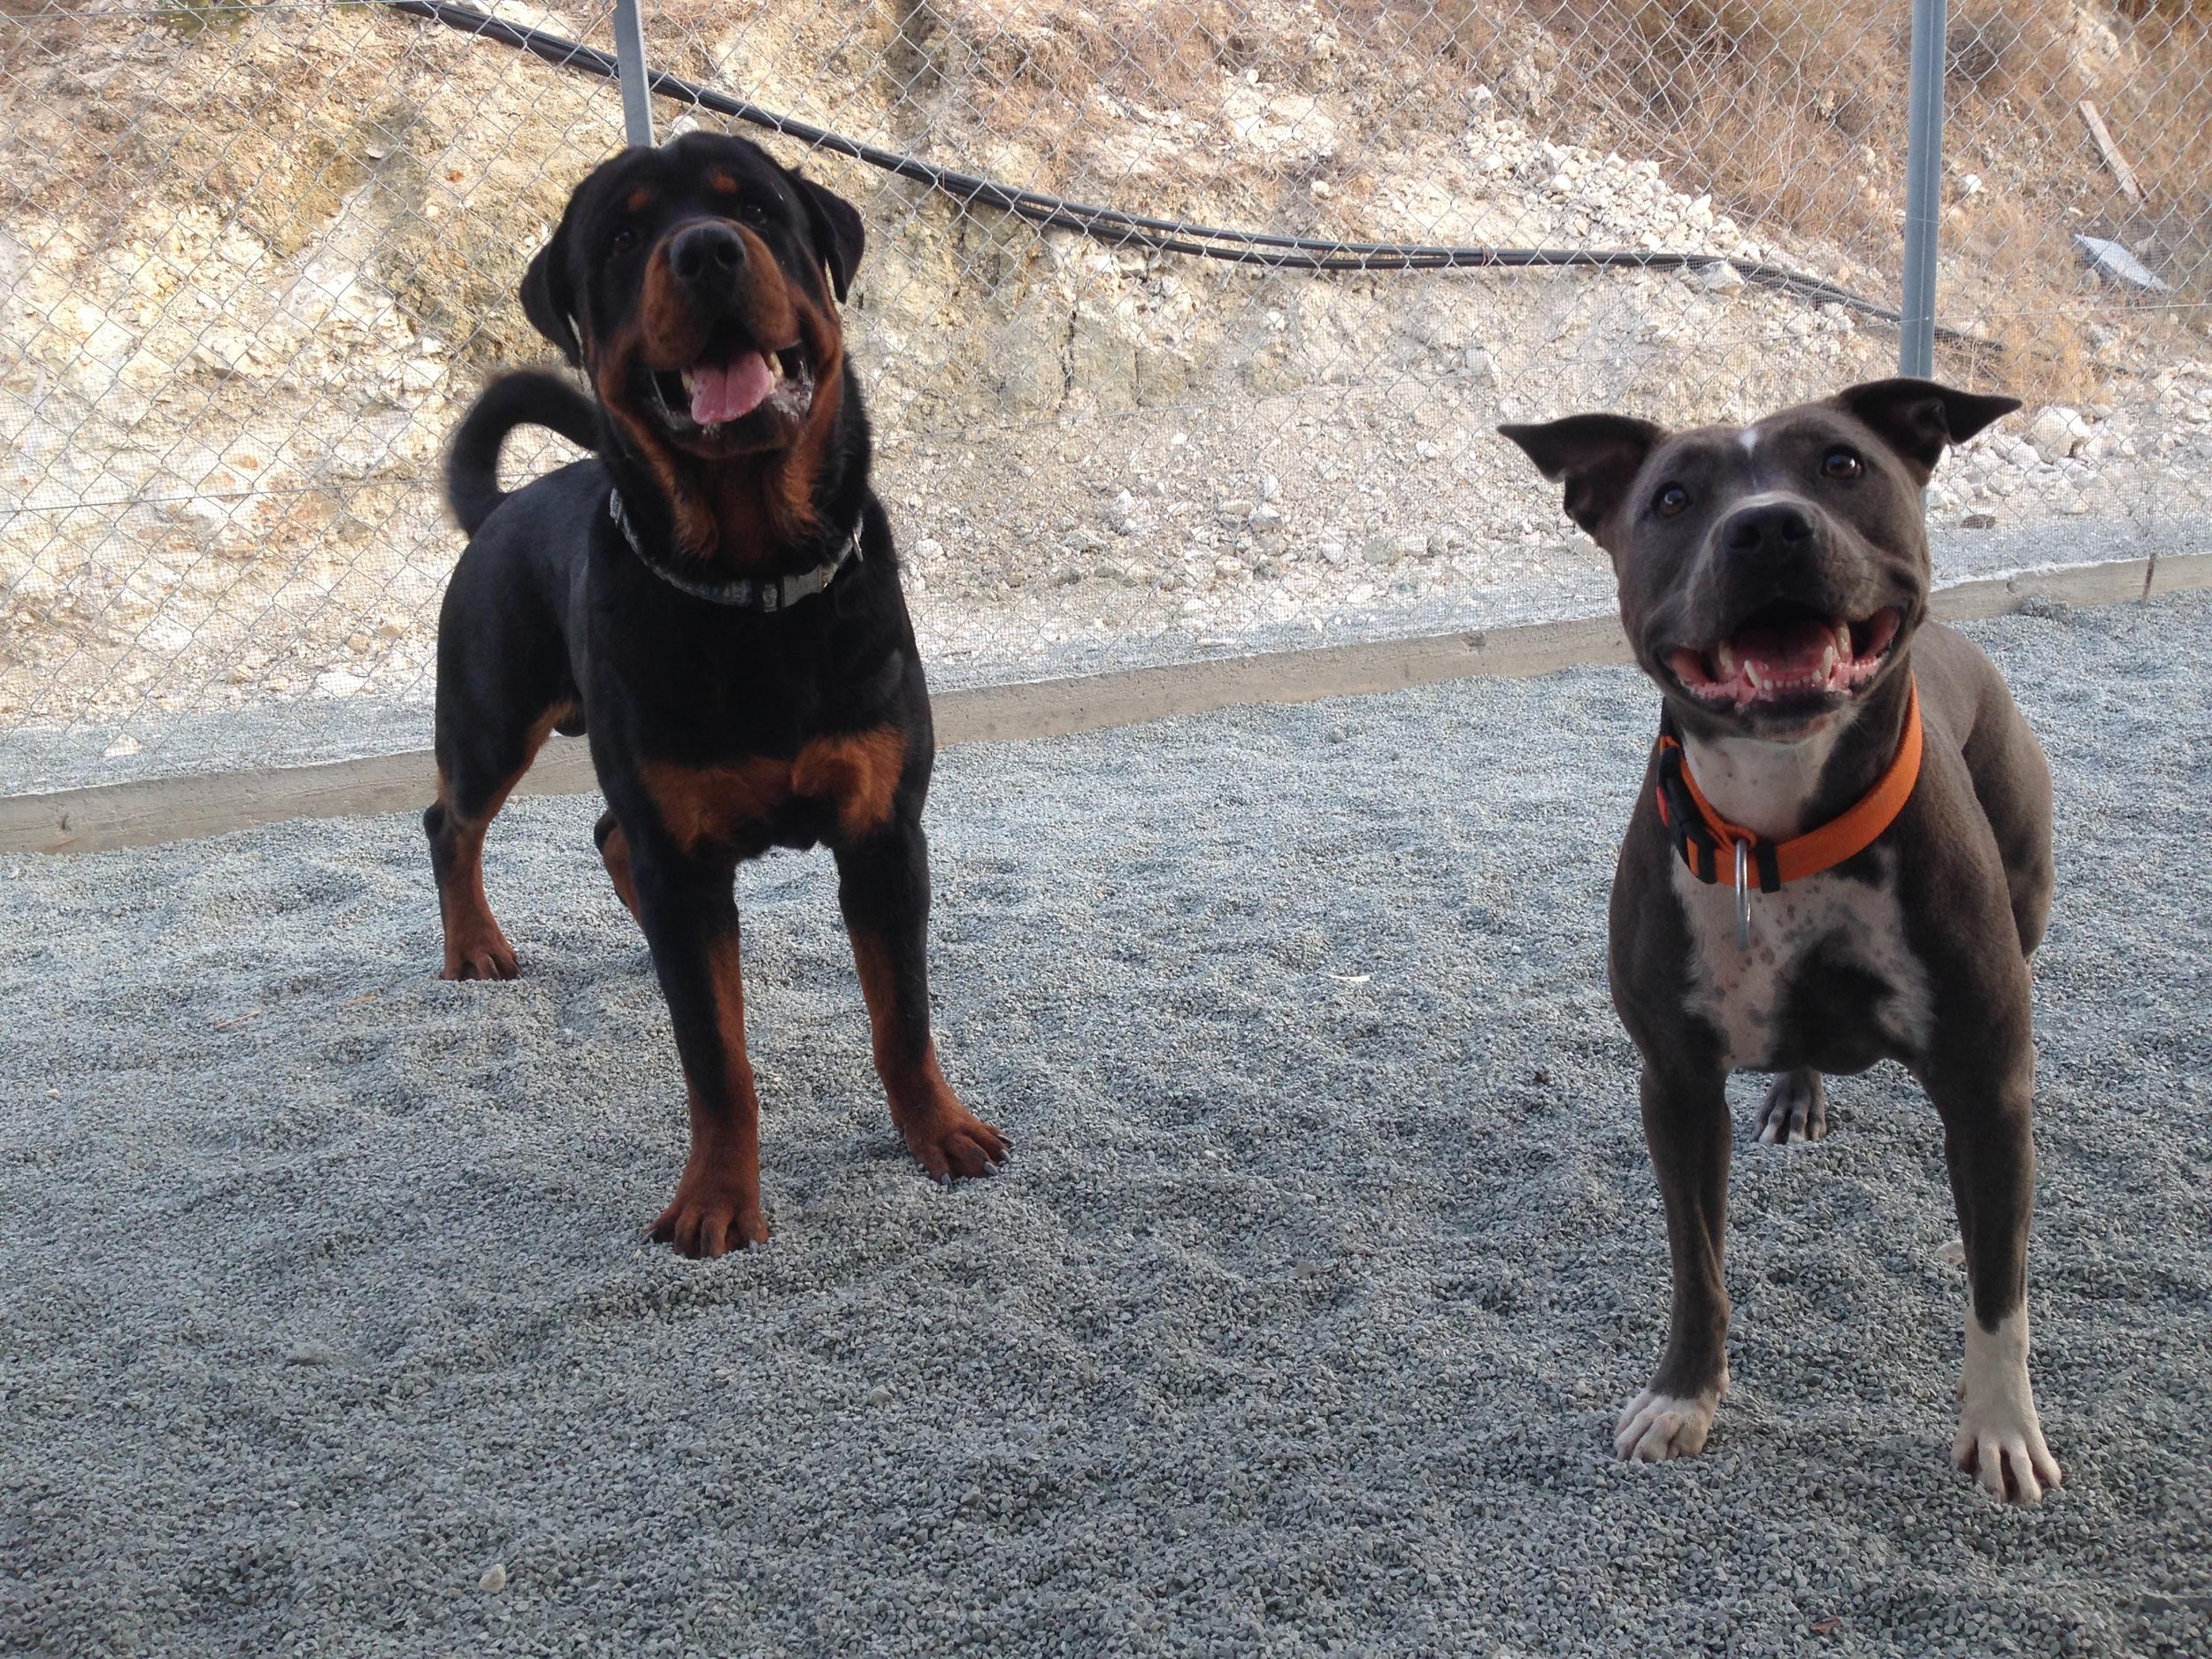 dog_ranch_dog_hotel_cyprus_limassol_mia&maxomos.jpg